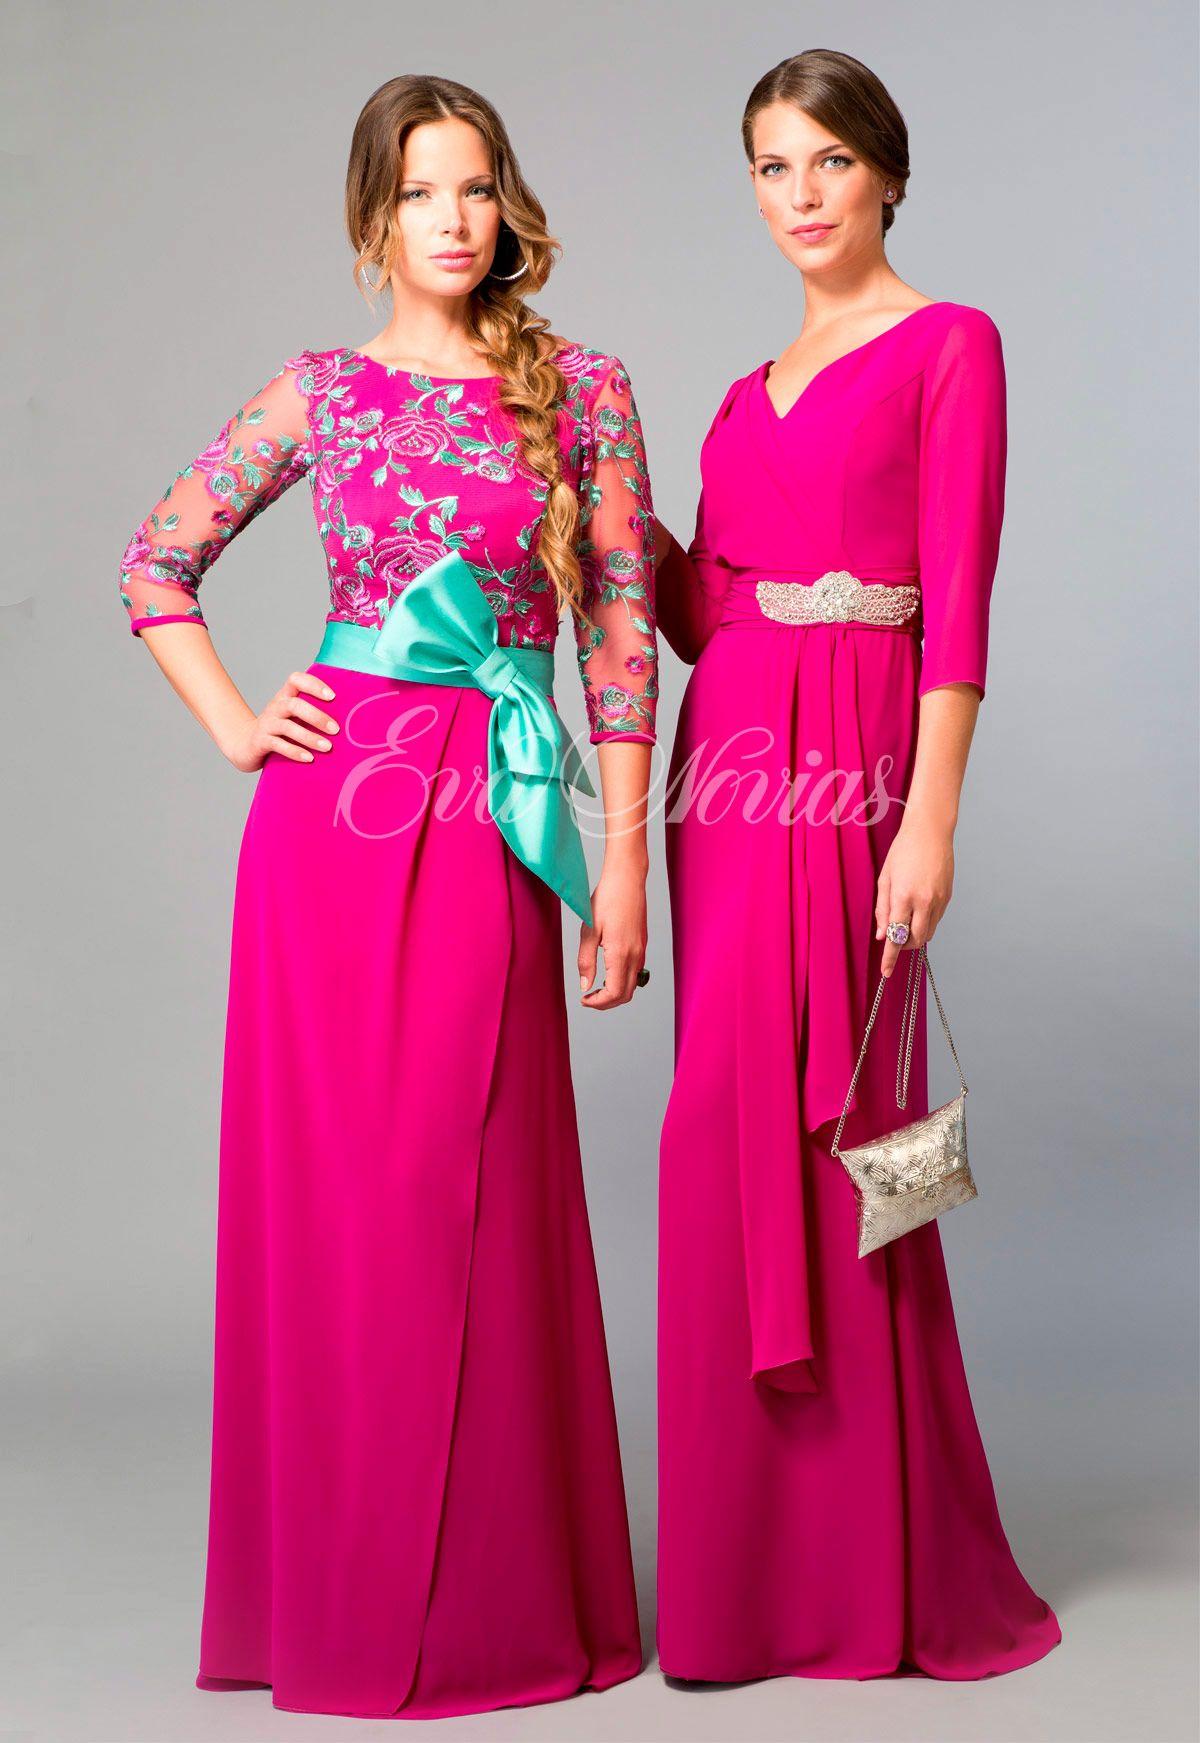 Vestido de fiesta Modelo 17212A | acompañantes boda | Pinterest ...